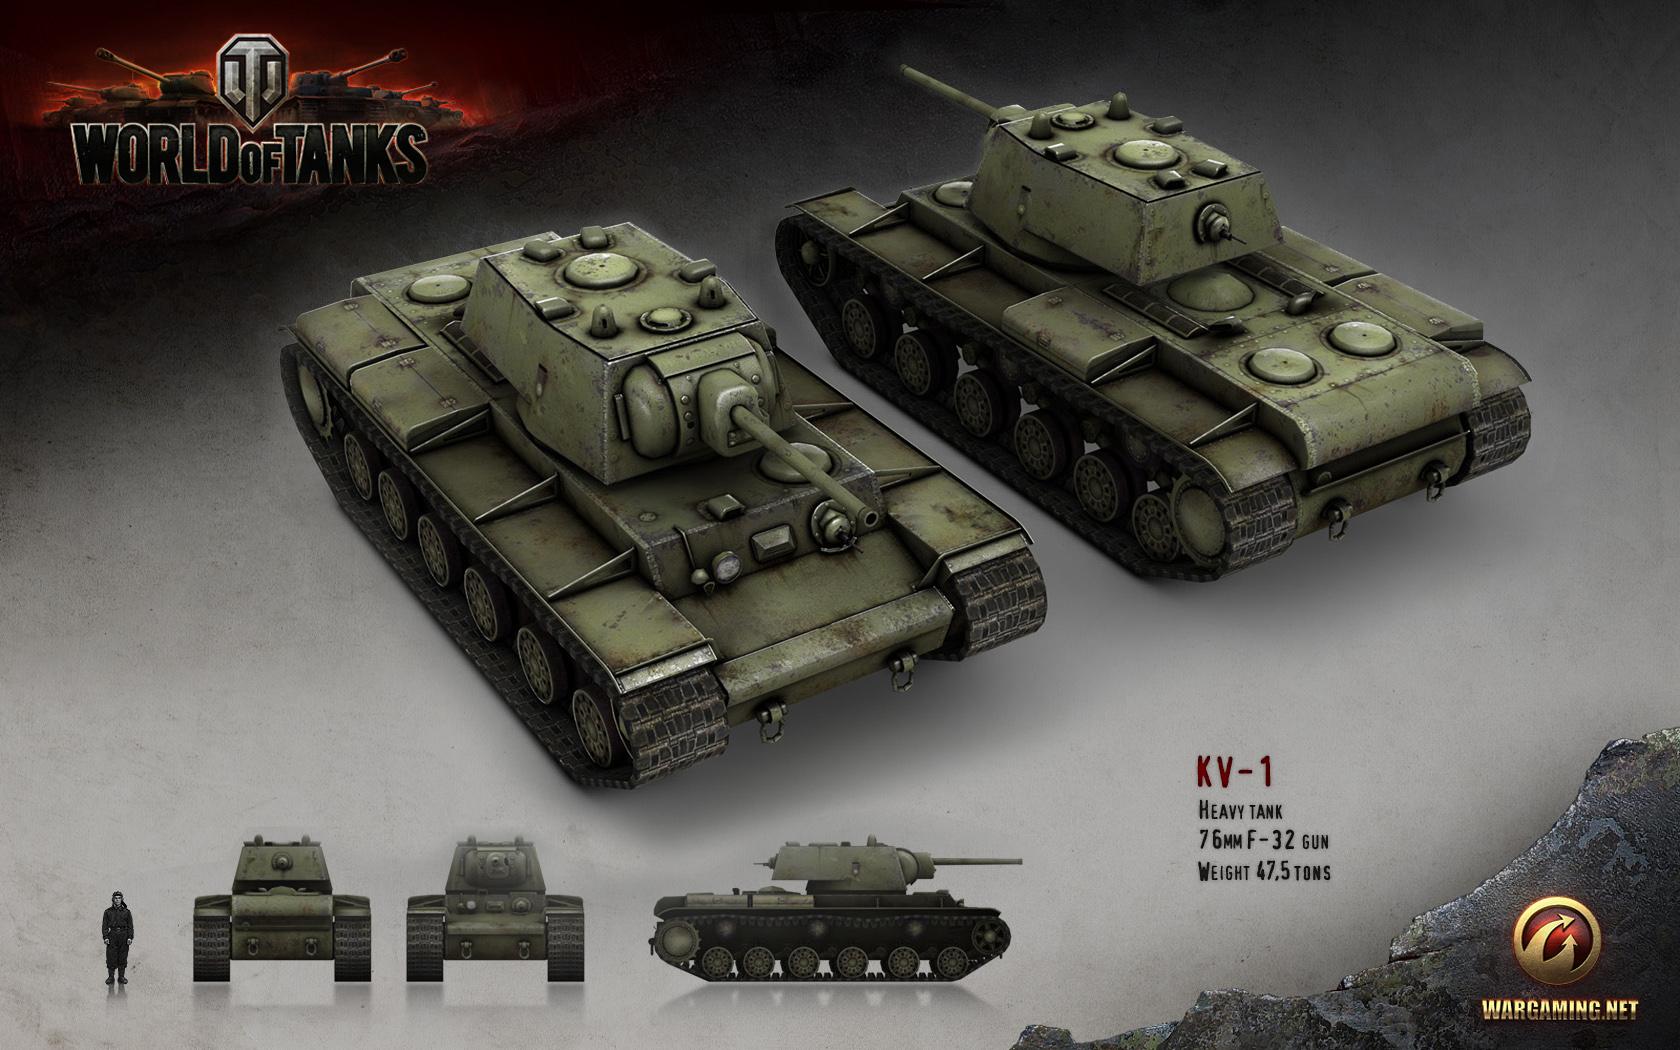 wot tier kv 1 world of tanks wot so net. Black Bedroom Furniture Sets. Home Design Ideas